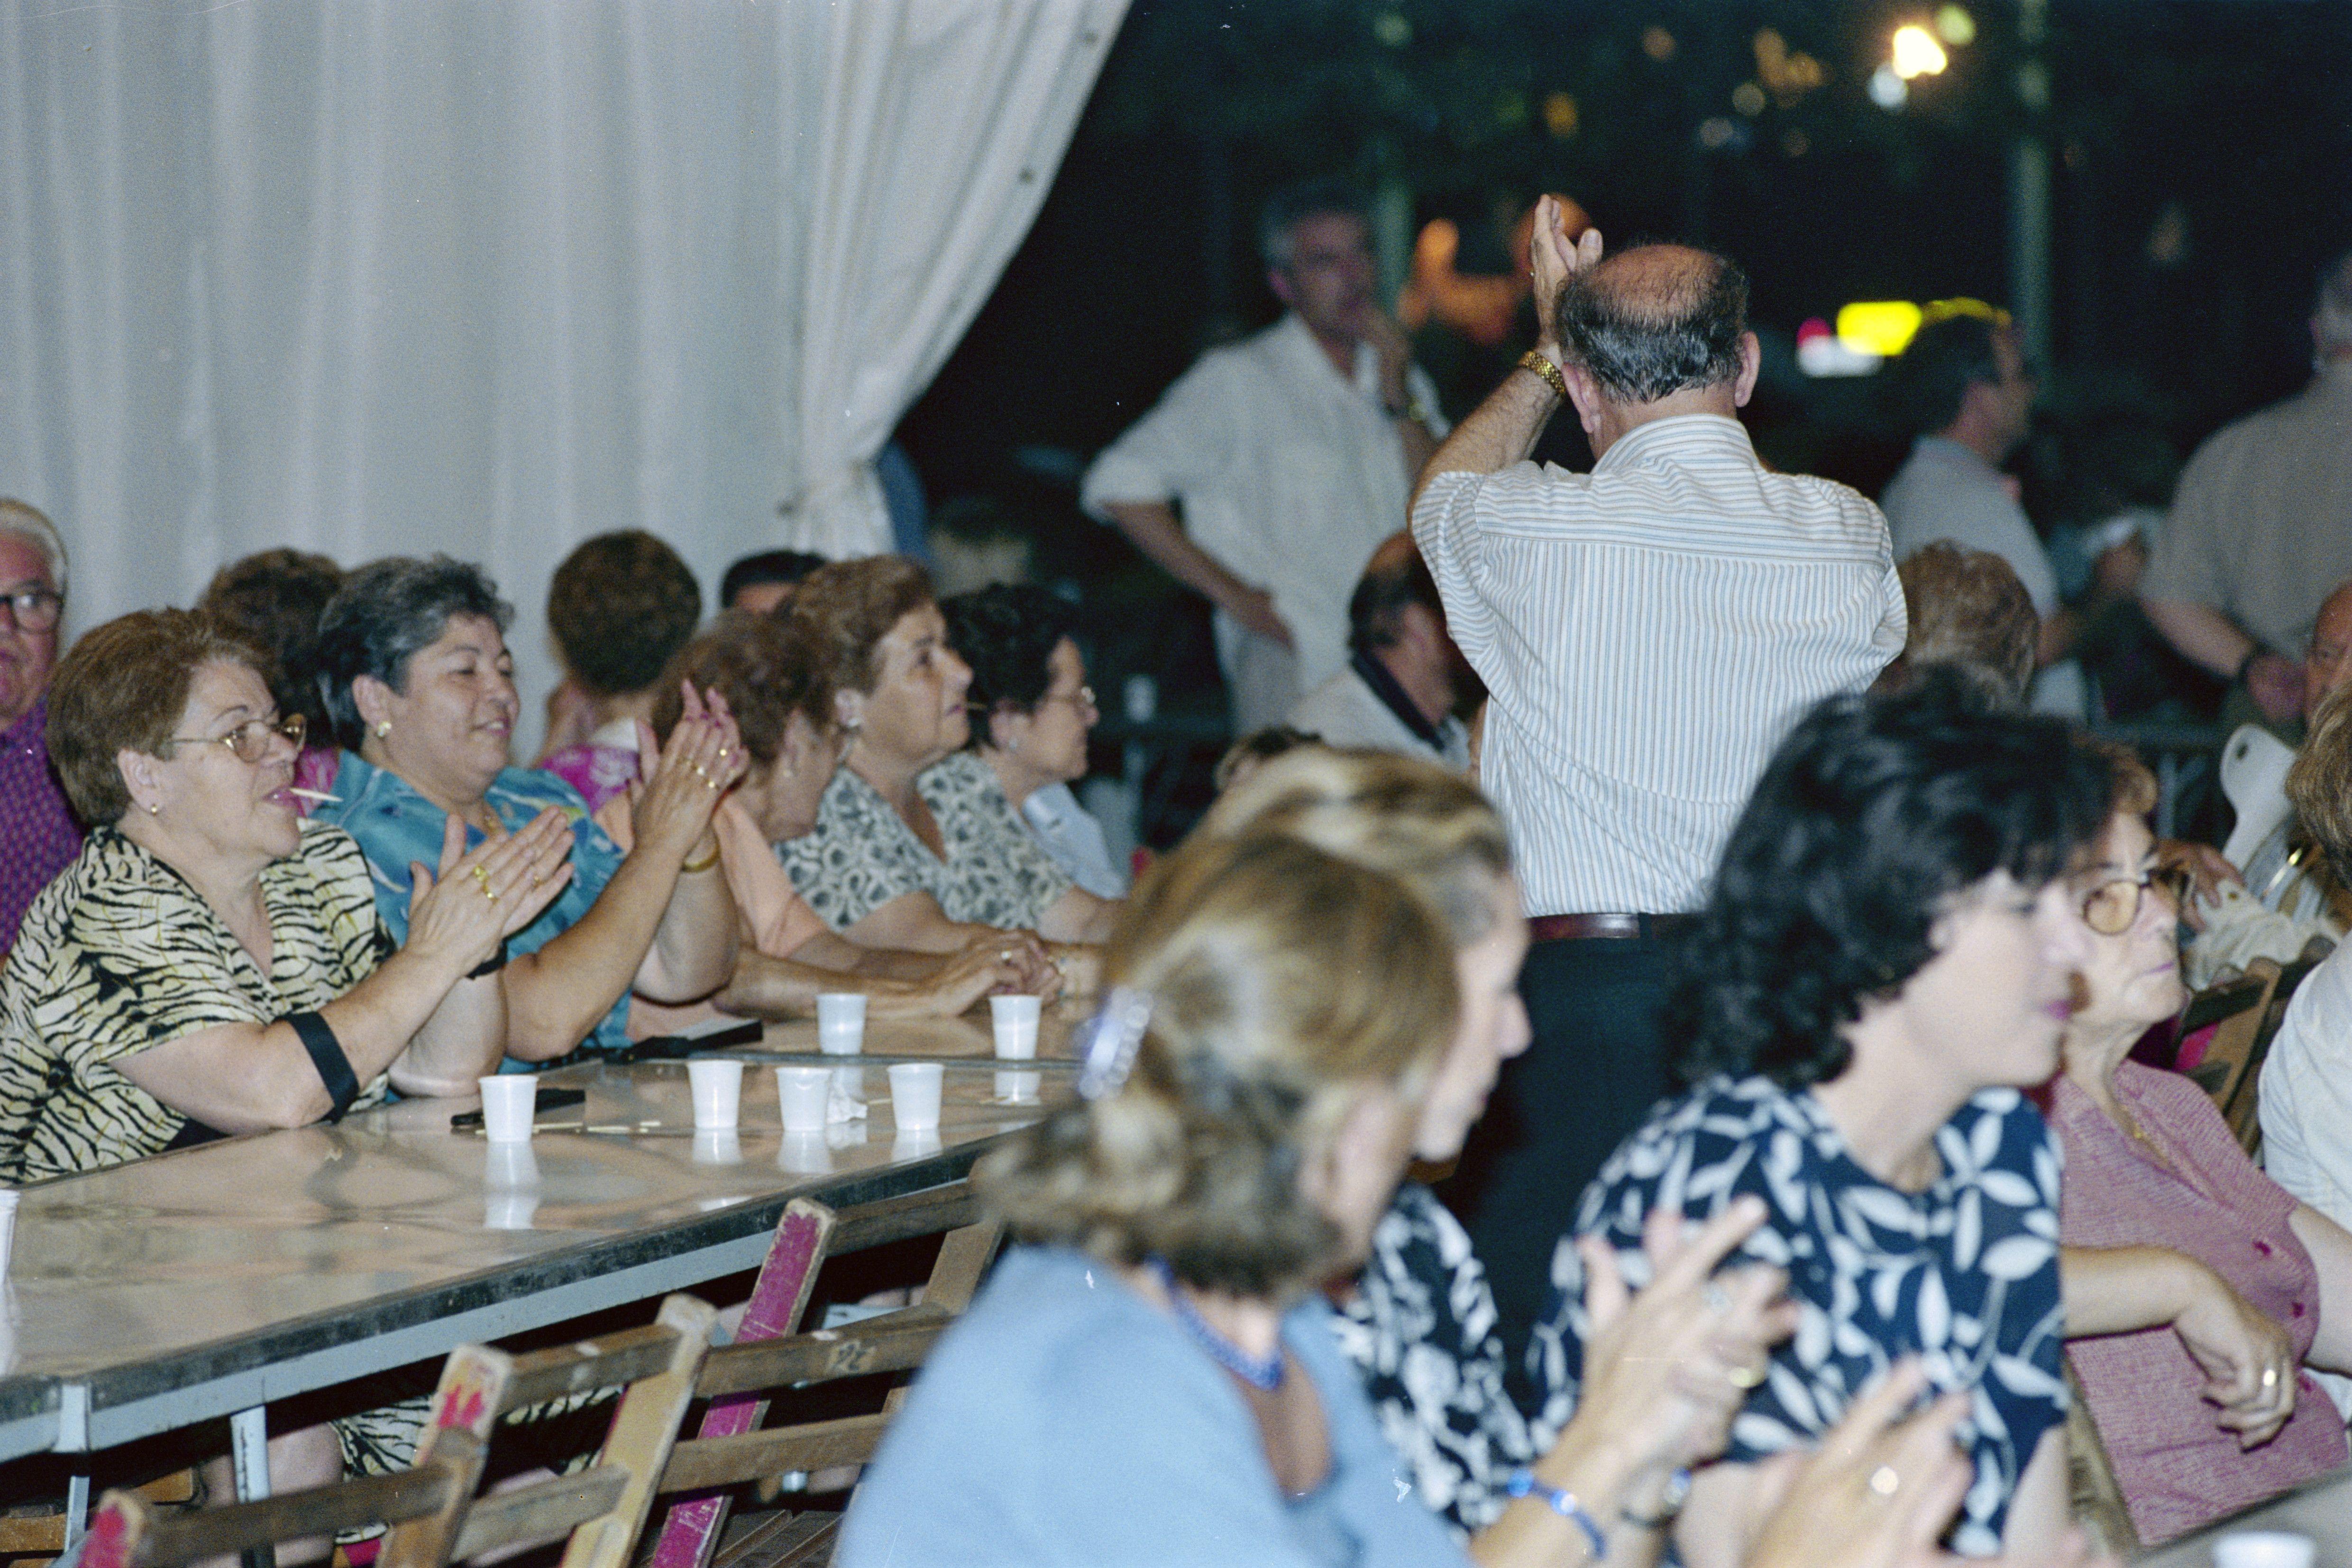 Inauguració de la caseta del Centre Popular Andaluz en la Festa Major del 2000. FOTO: Arxiu